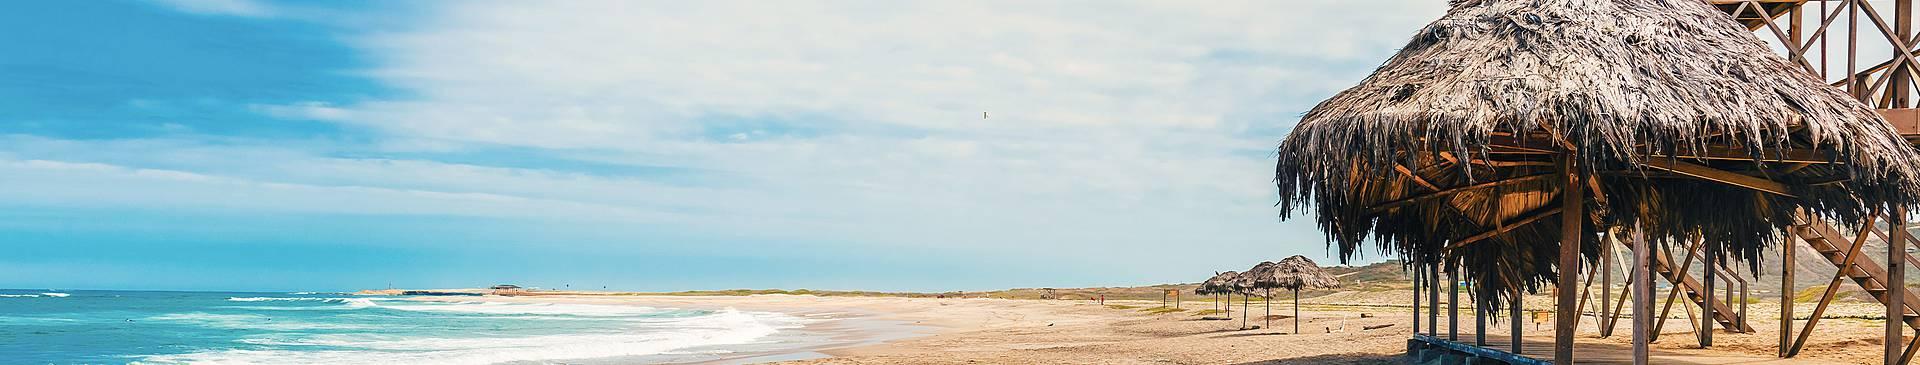 Strand und Meer Ecuador Reisen